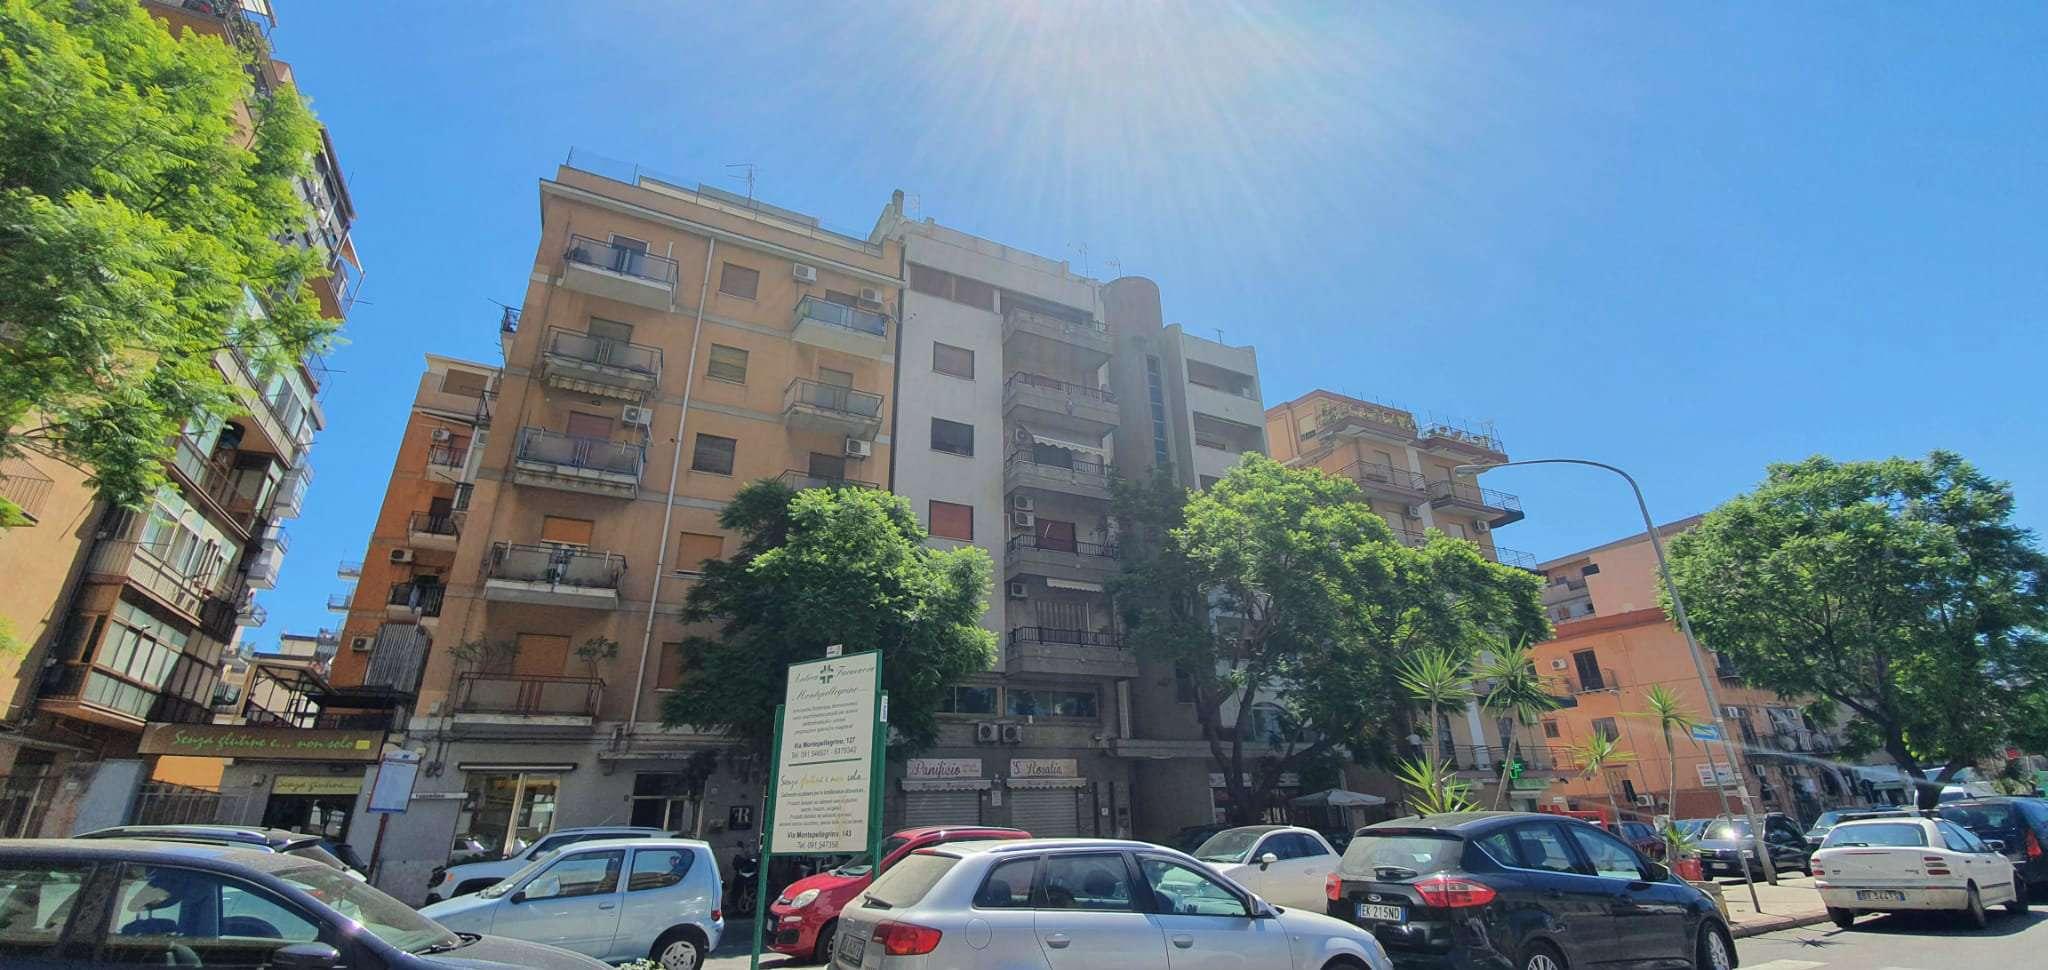 Ufficio-studio in Vendita a Palermo Periferia: 2 locali, 45 mq